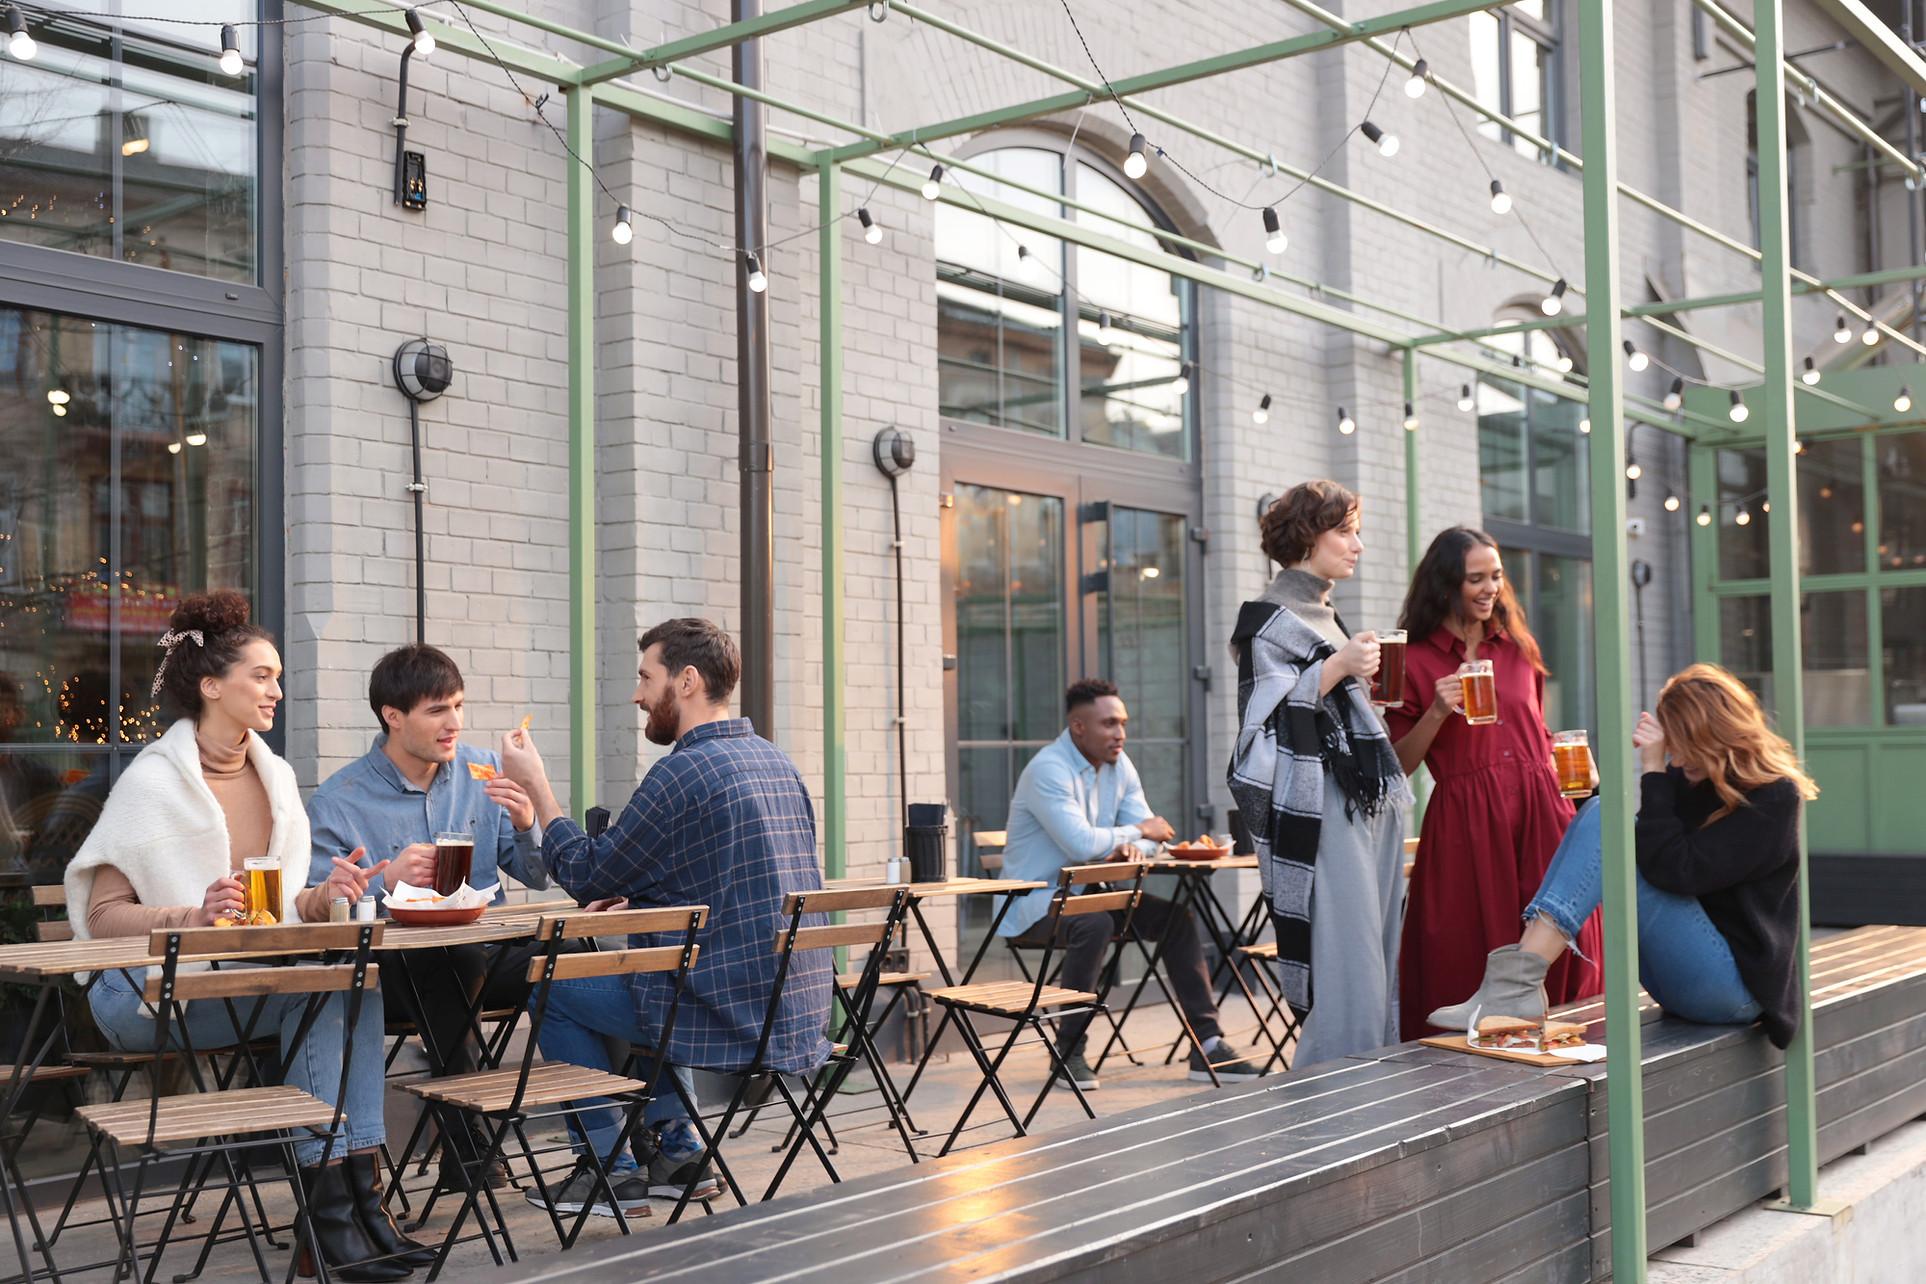 Restaurantplätze im Freien